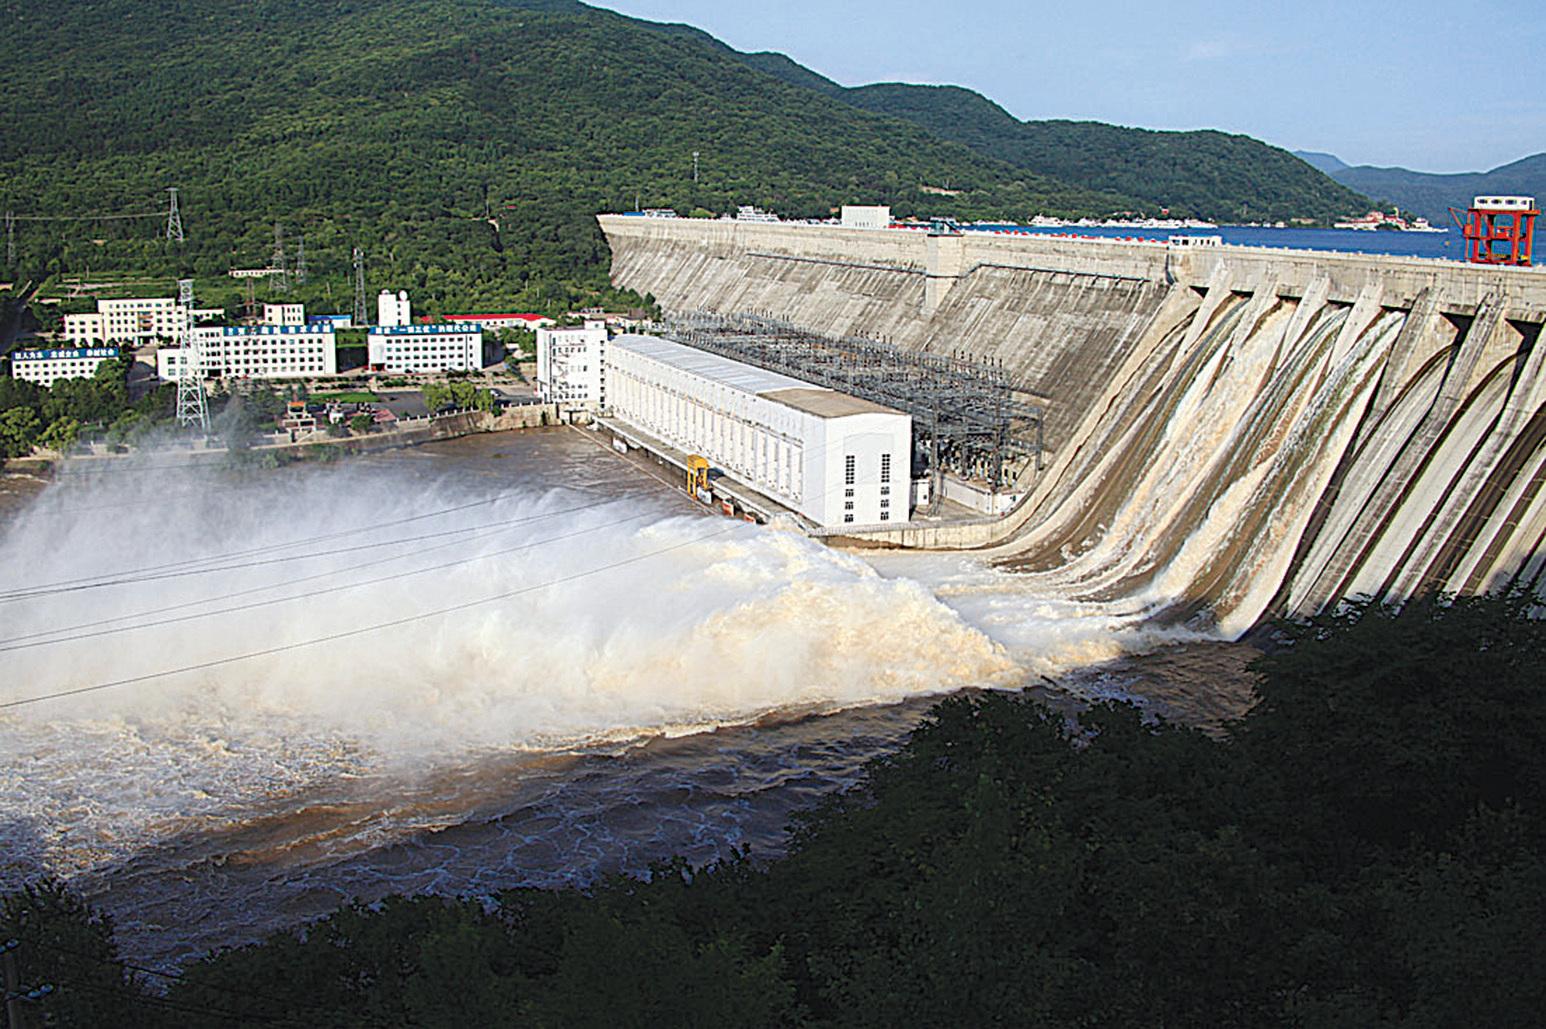 2010年8月1日,吉林市豐滿水庫大壩放水洩洪。該壩與三峽大壩是同一類型的混凝土重力壩。從照片看,大壩「健康而結實」,沒有肉眼可見的變形。但實際上,該壩2007年就已被官方評定為「病壩」,2010年2月宣佈將移址重建。(大紀元資料室)